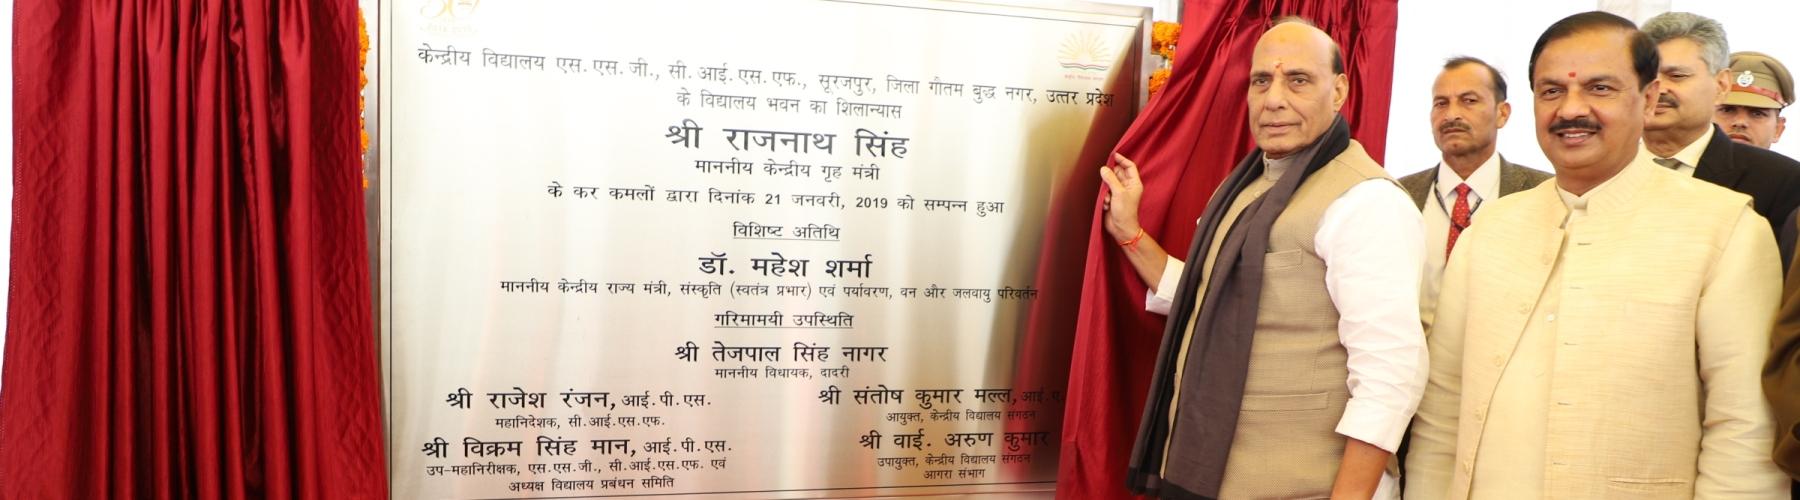 केंद्रीय गृह मंत्री ने गौतम बुद्ध नगर में CISF कैंप में केंद्रीय विद्यालय की आधारशिला रखी।